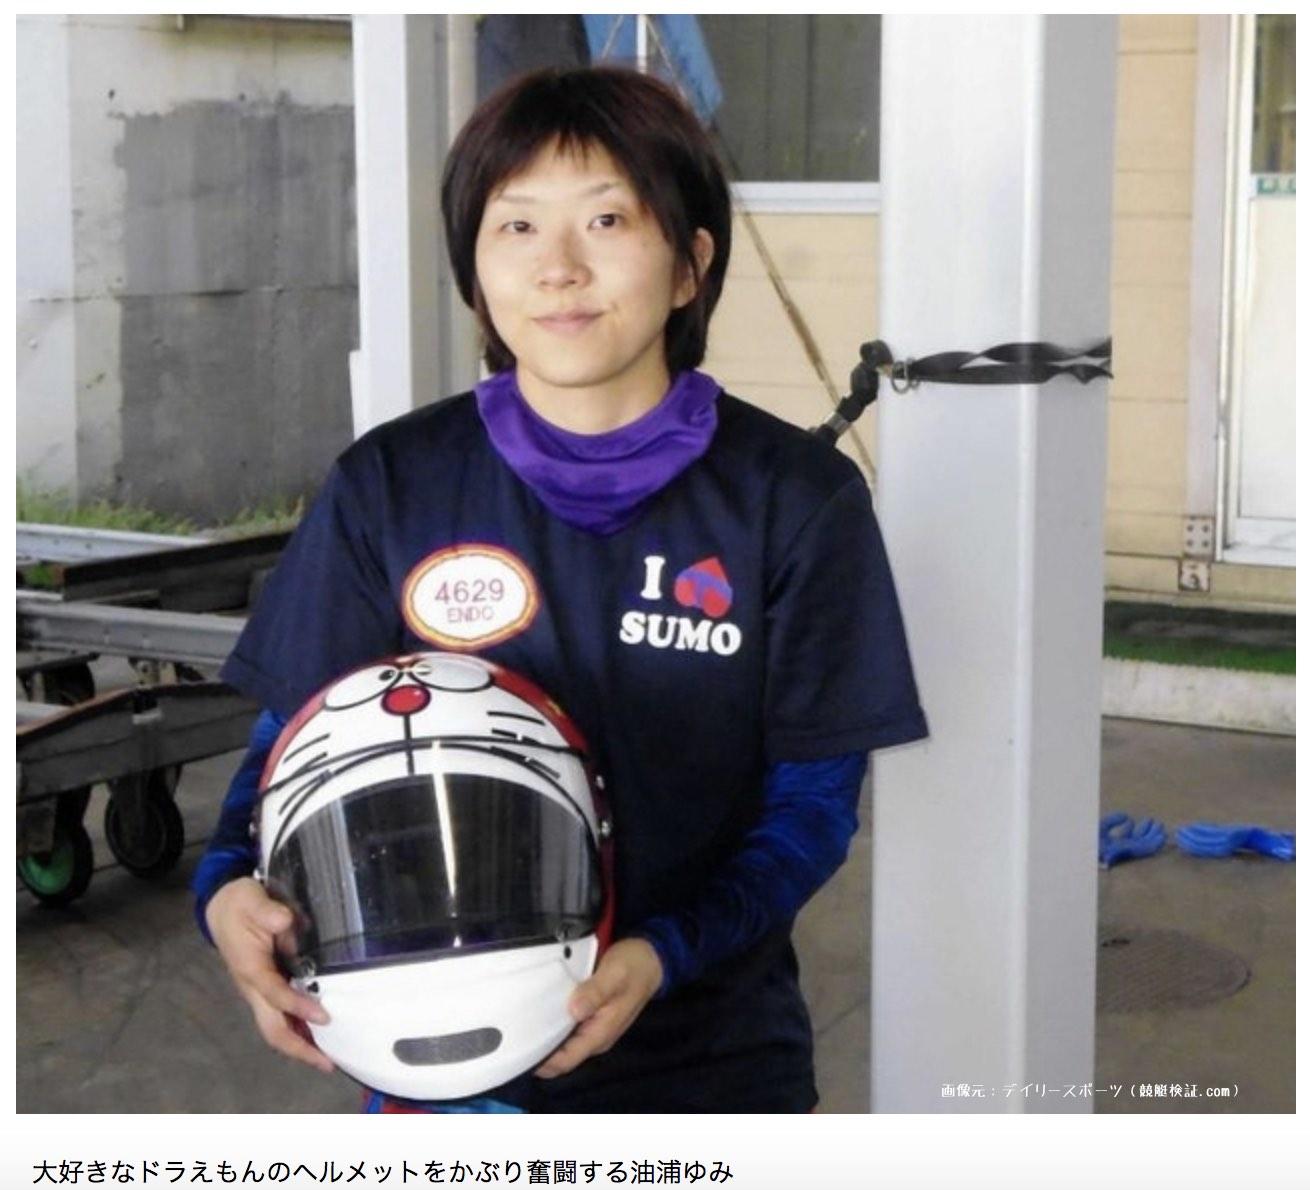 遠藤エミという競艇選手の姉遠藤ゆみ選手(油浦ゆみ)